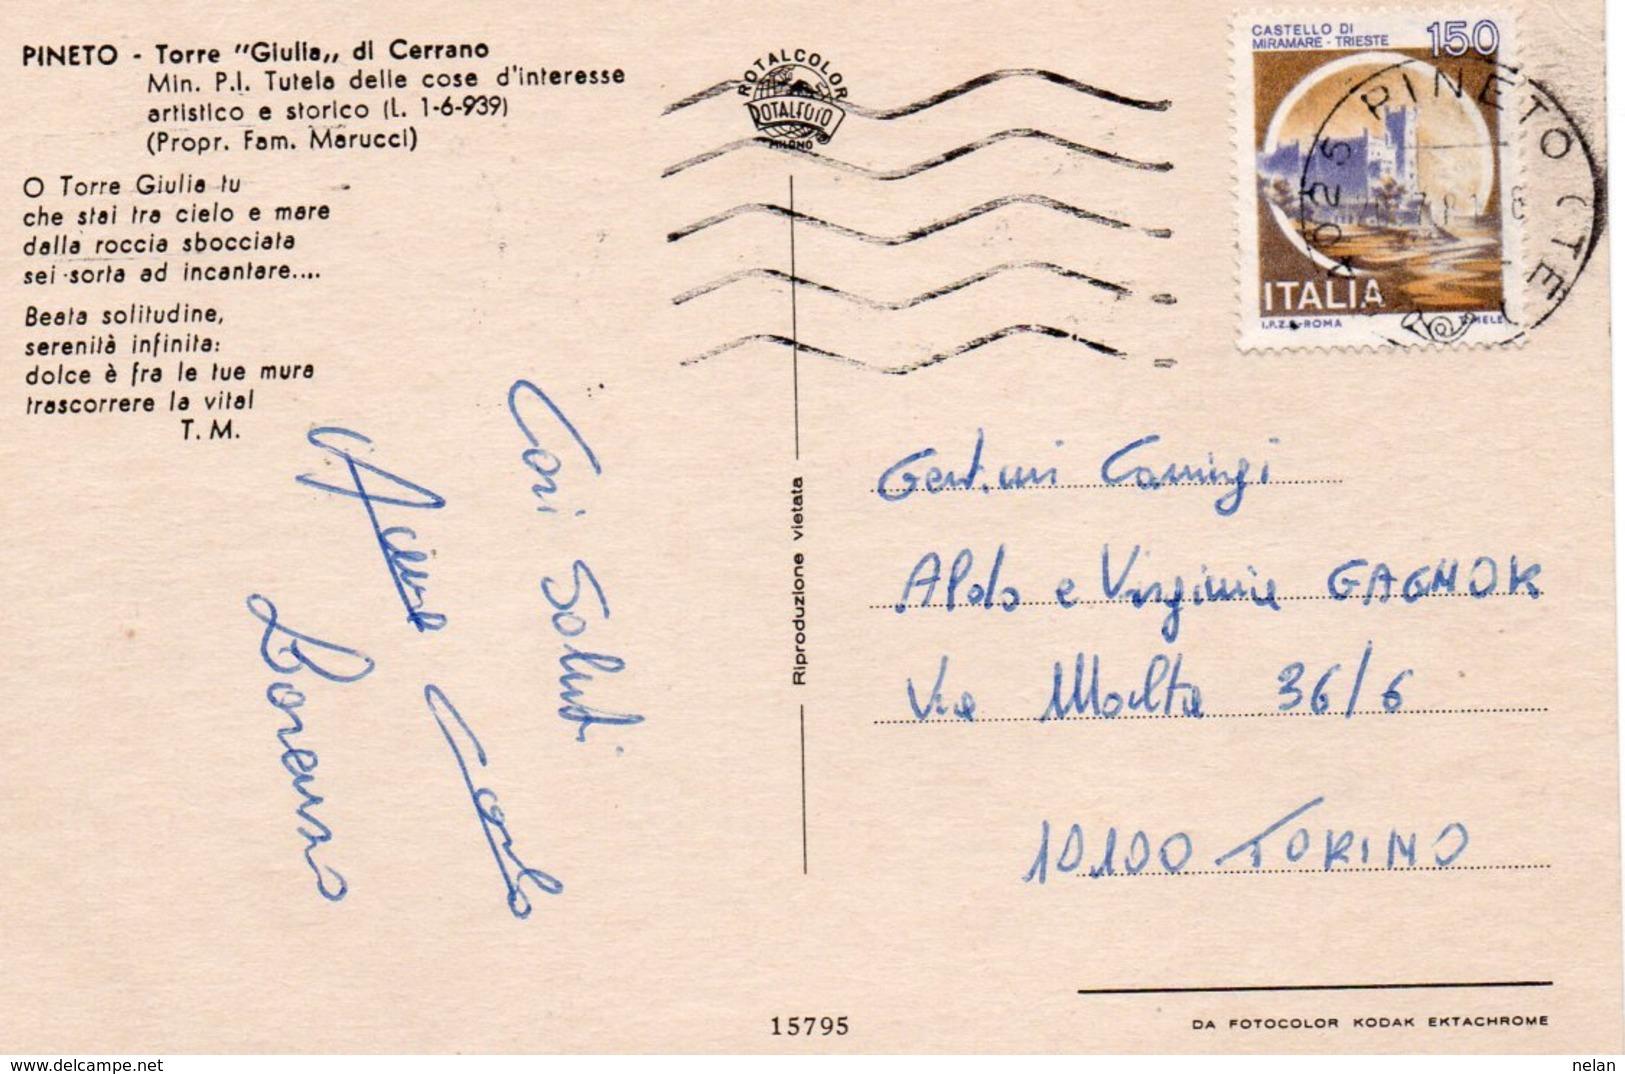 PINETO-TORRE GIULIA DI CERRANO-F.G - Teramo